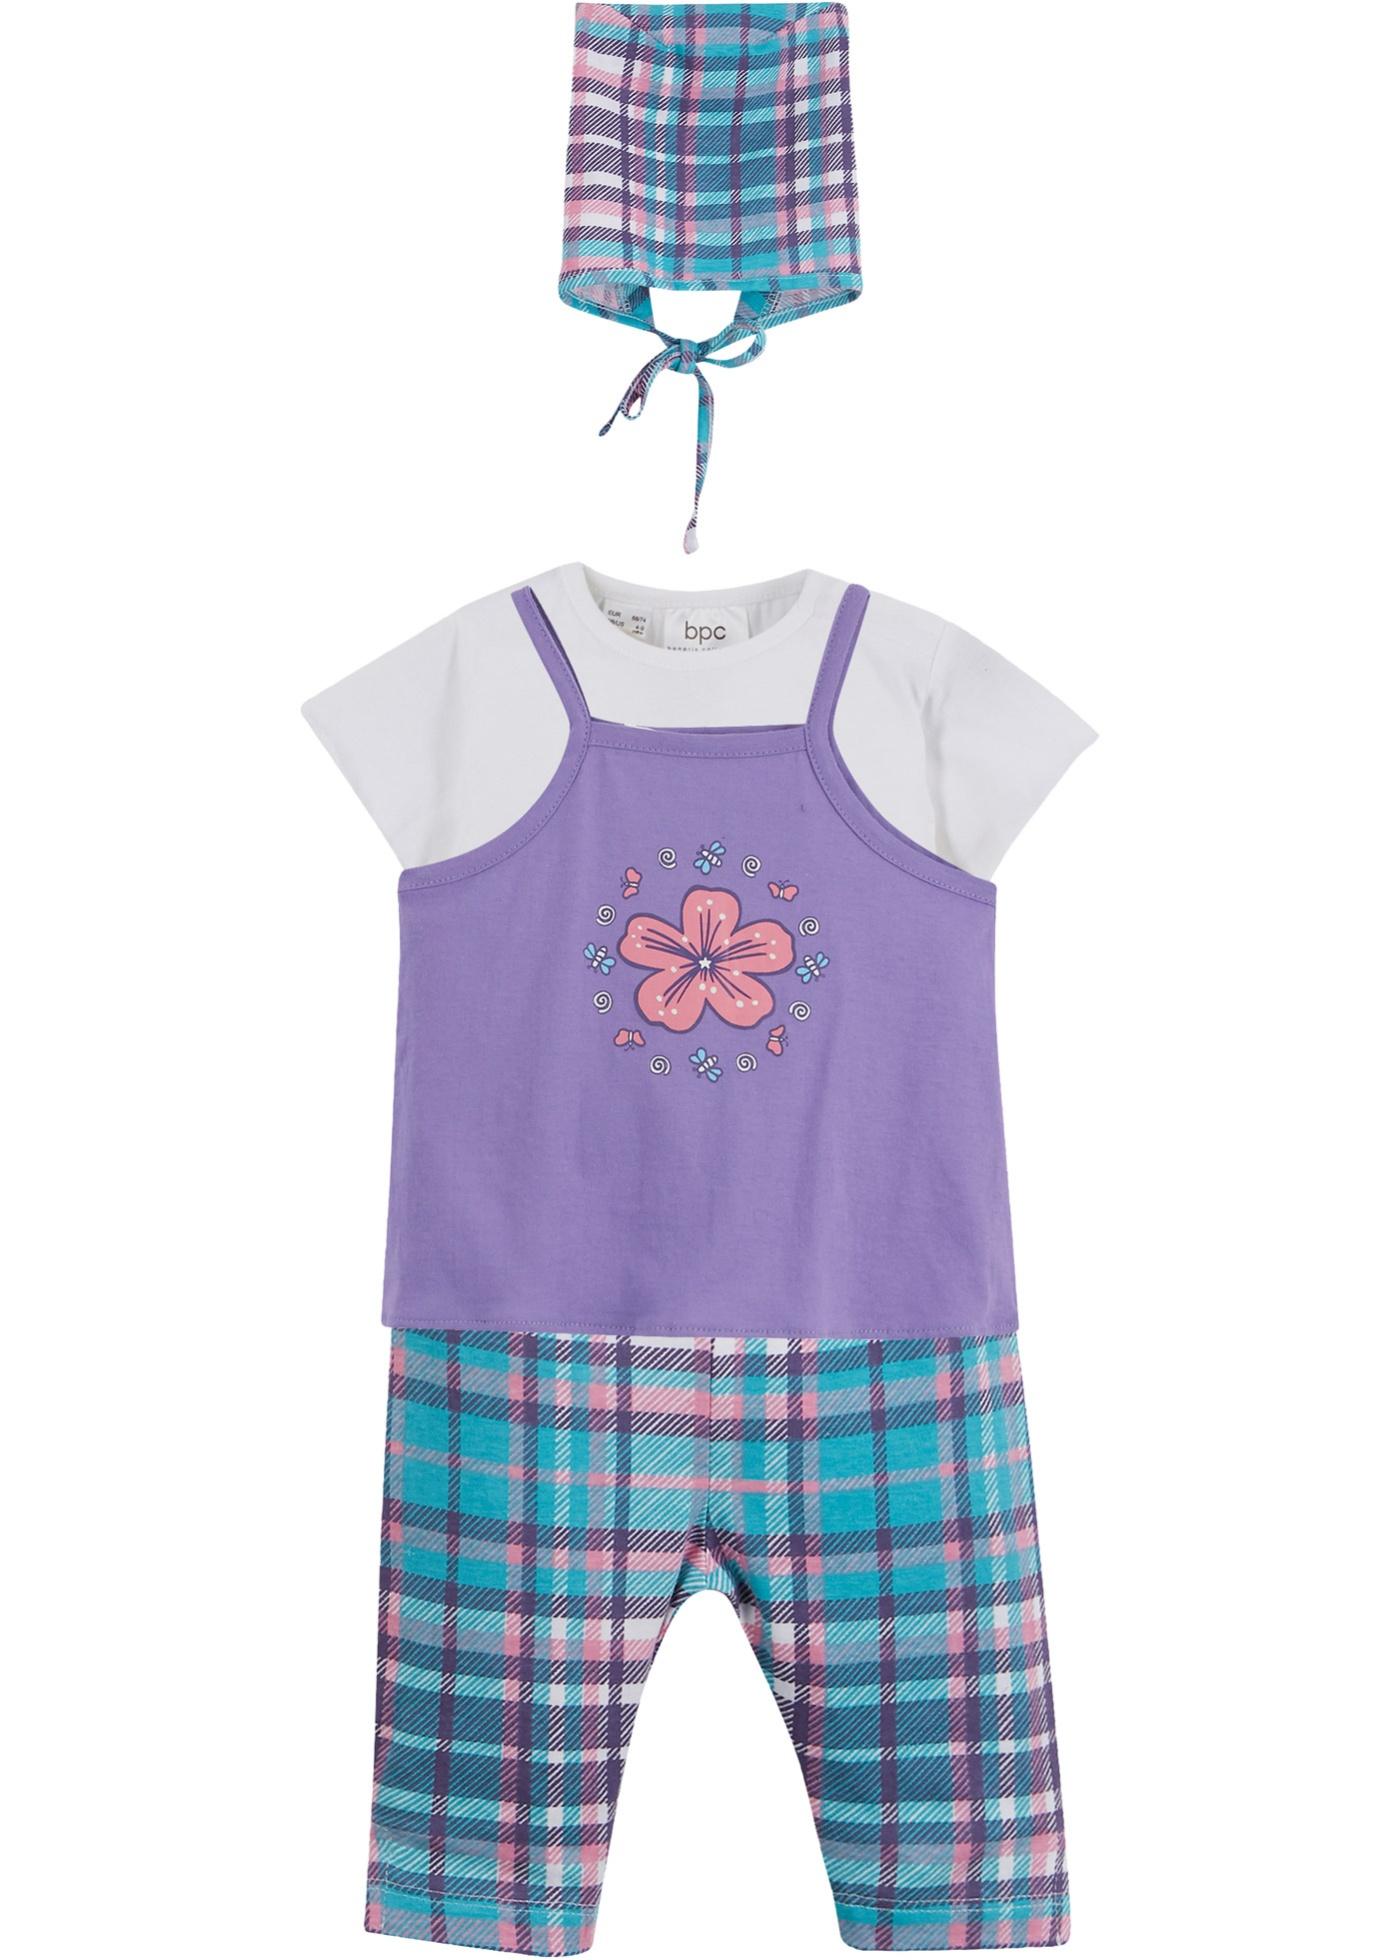 Robe bébé + T-shirt + legging + foulard (Ens. 4 pces.) coton bio